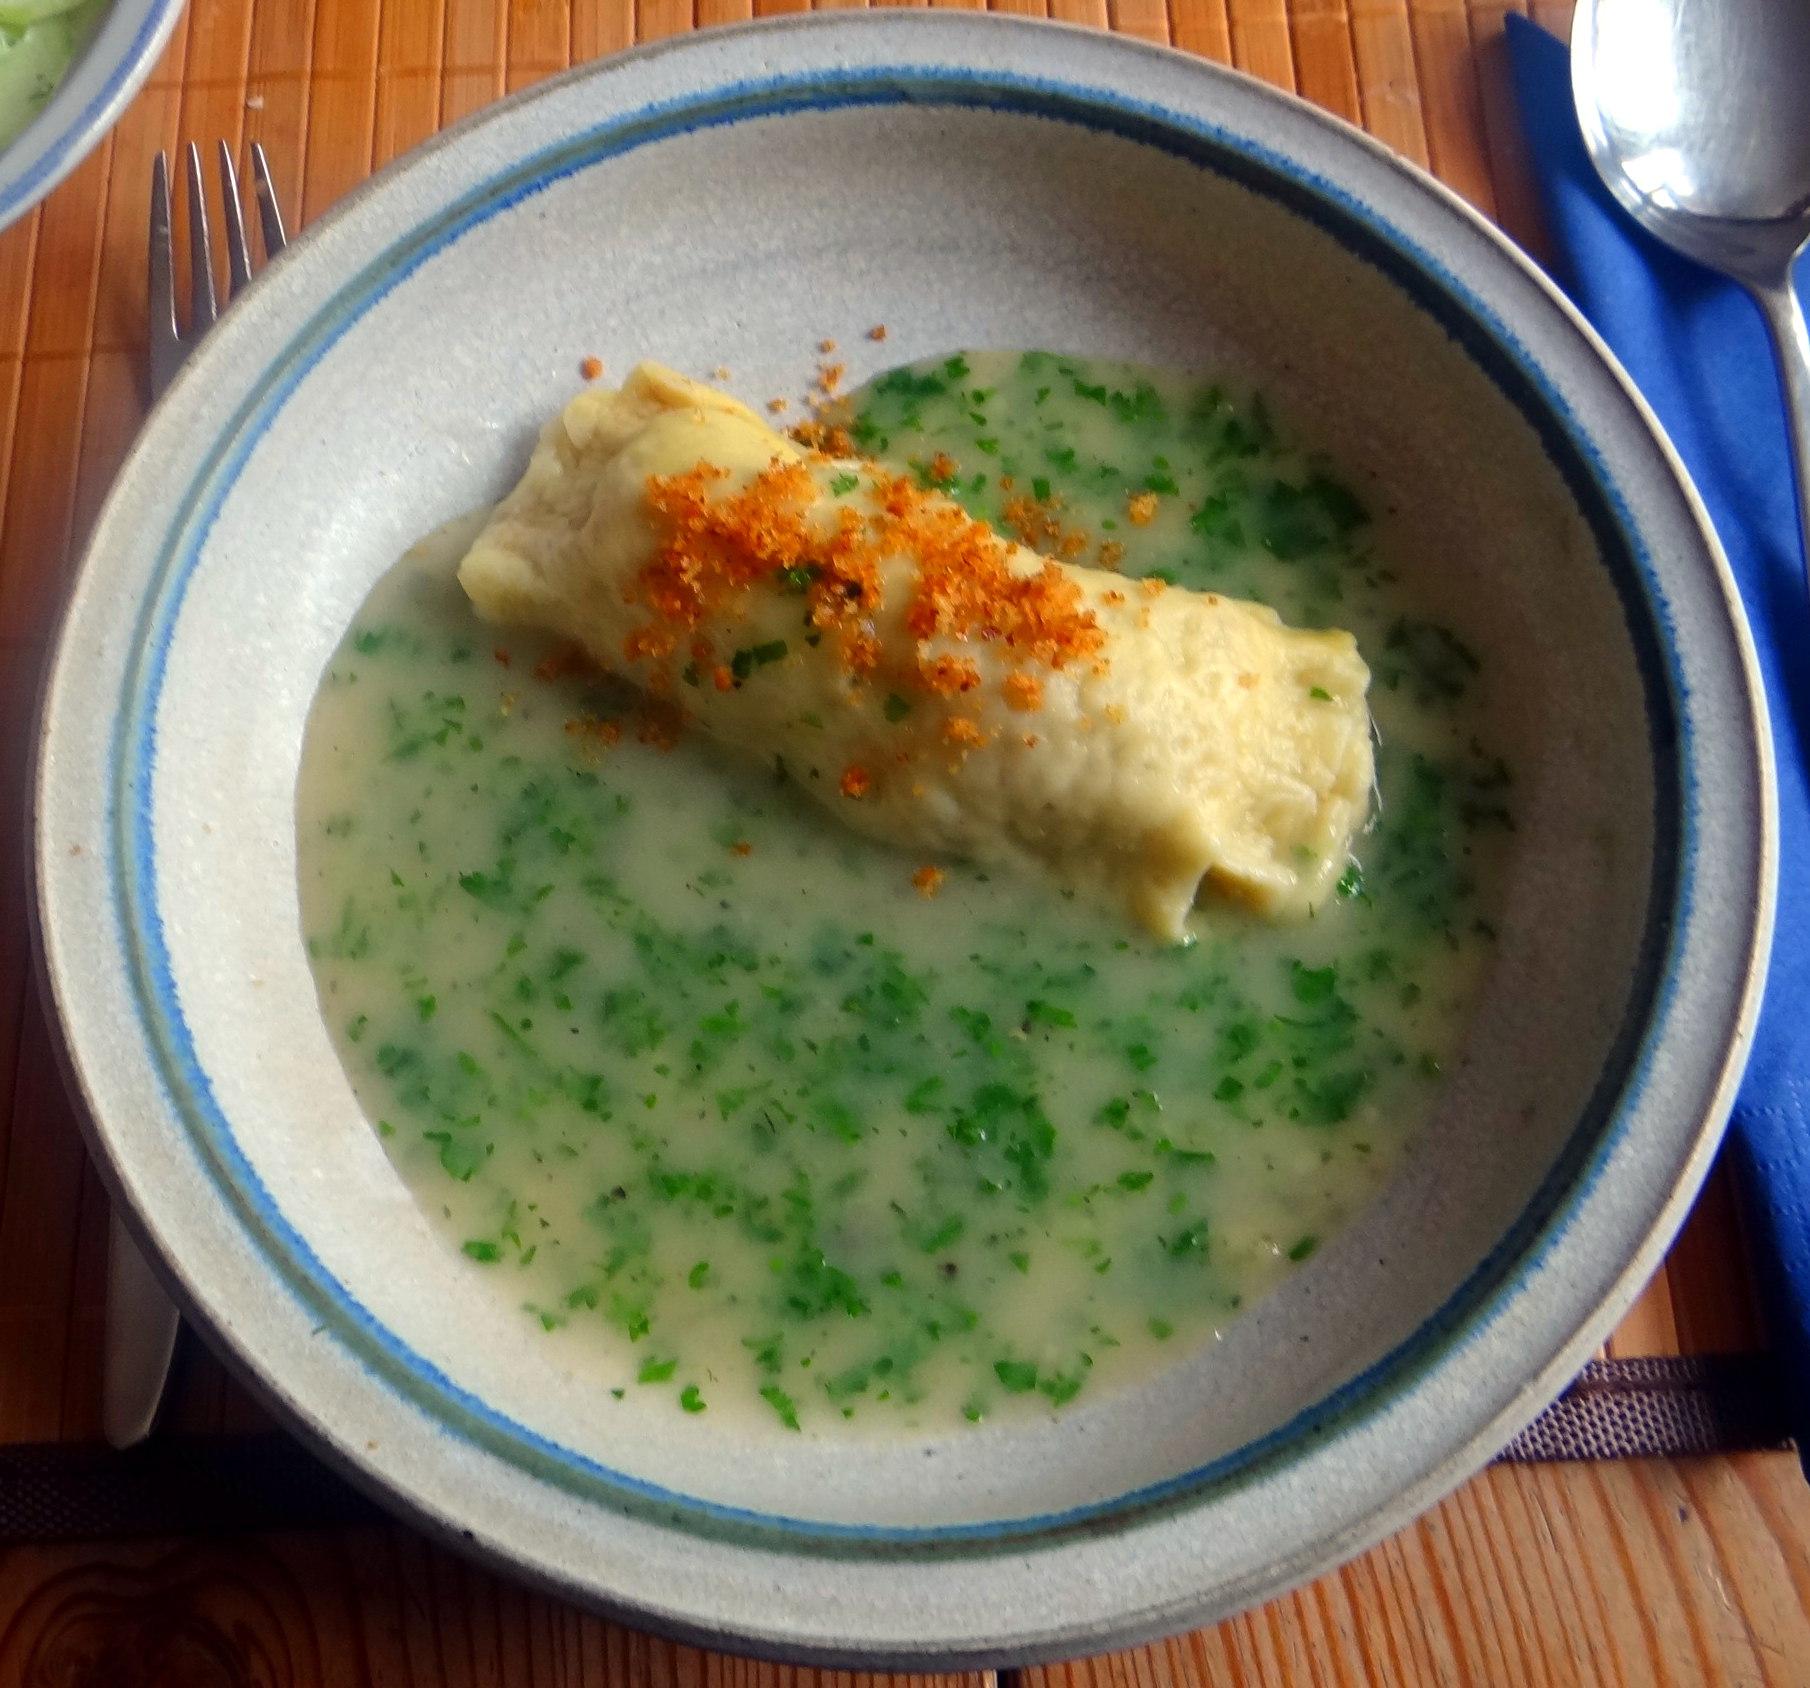 Wickelklöße,Petersiliensoße,Gurkensalat,Joghurtspeise (2)